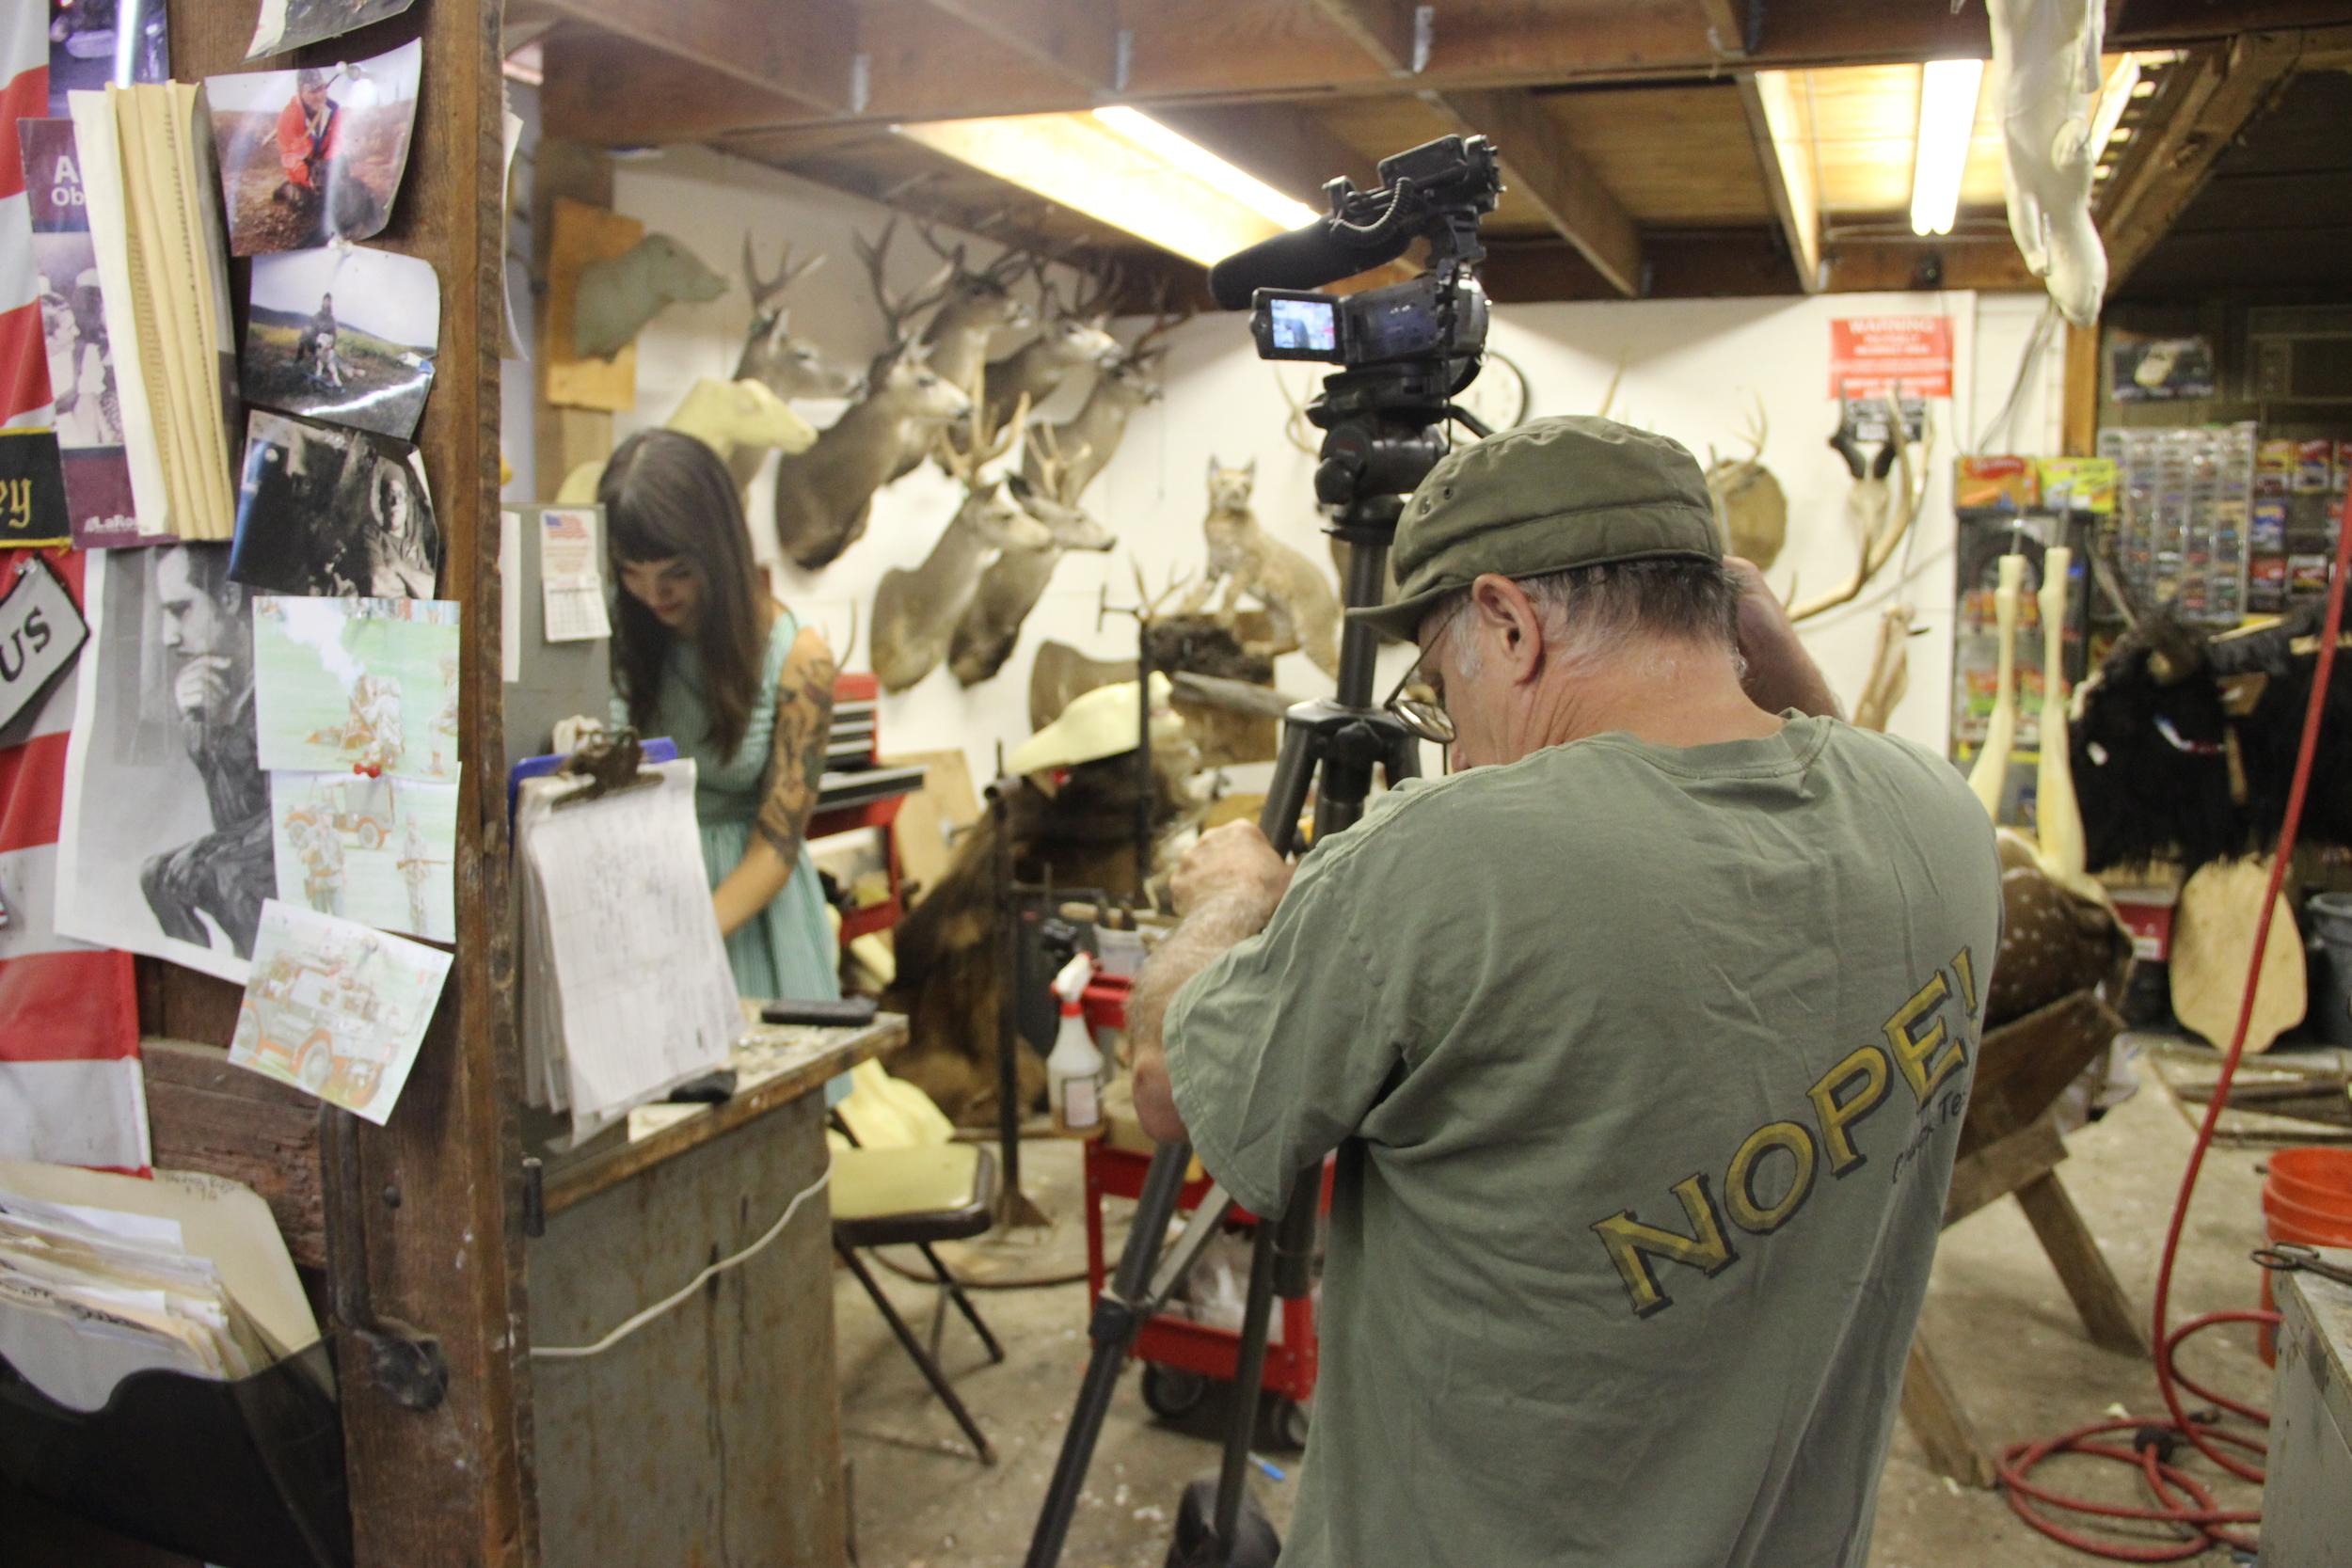 Photo of Chuck Testa filming for Ojai Valley Taxidermy, taken by Stefanie Jorge Bockenstette